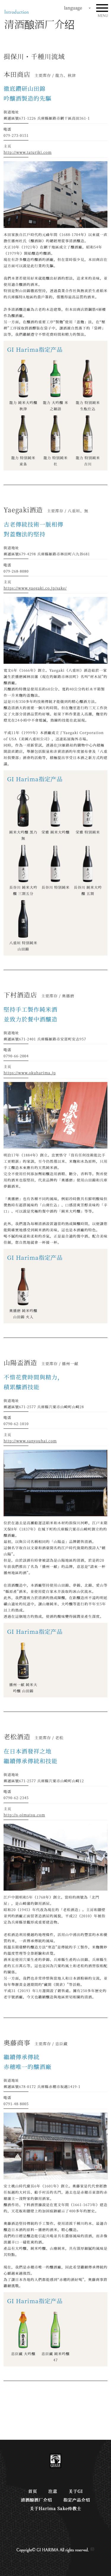 GIはりま(中国語 簡体字版サイト) ホームページ制作4